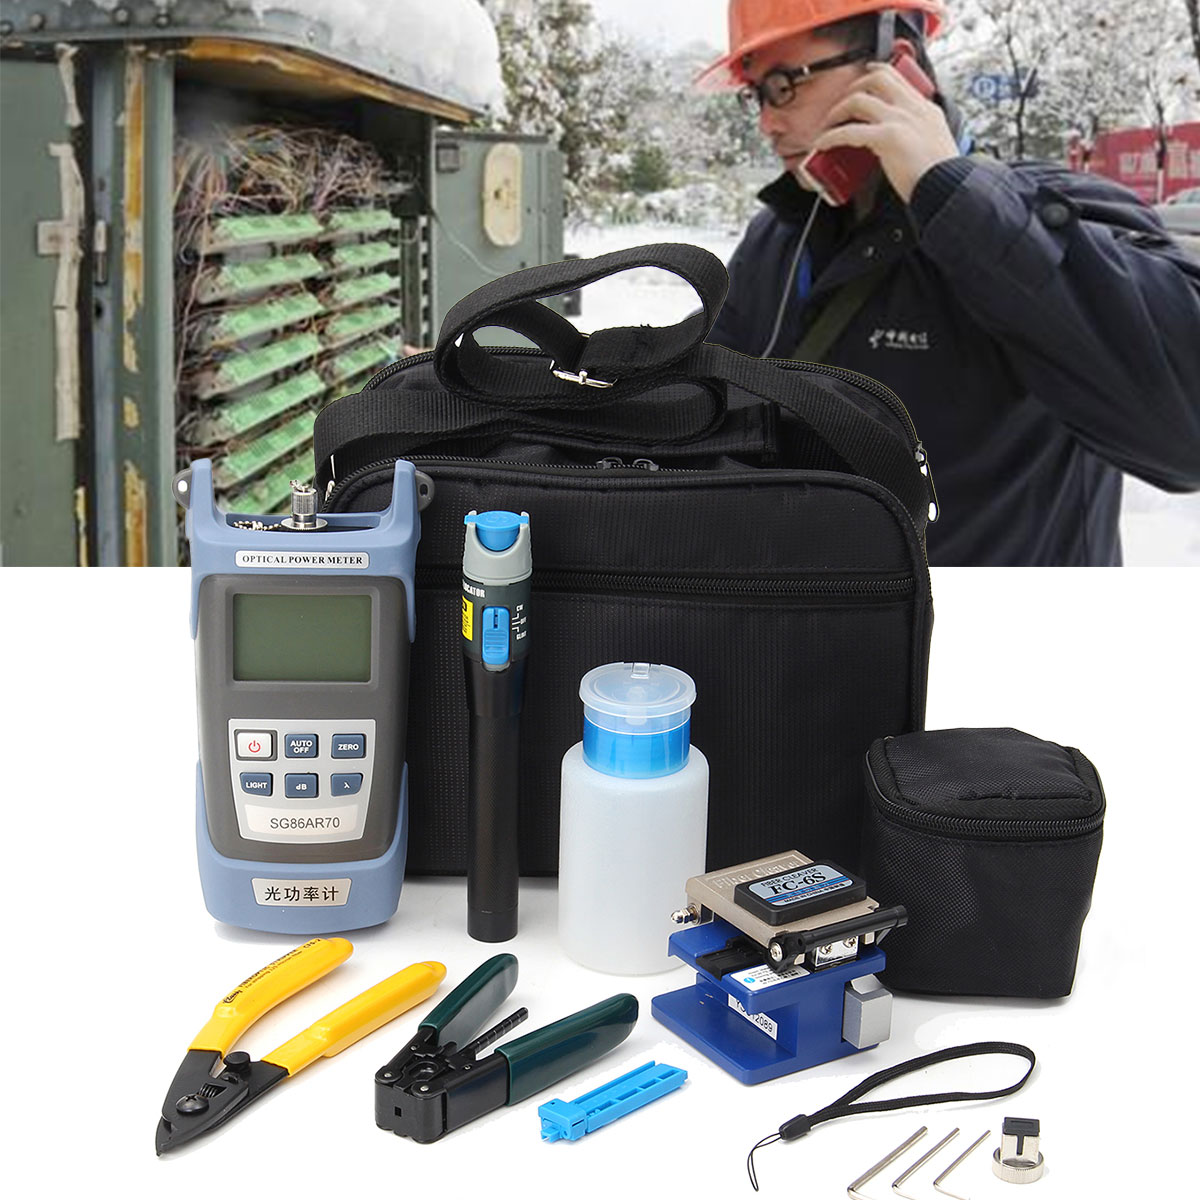 Kit de Ferramentas De Fibra Óptica FTTH pçs/set 12 para FC-6S Fiber Cleaver e Power Meter Óptico 5 km Localizador Visual de Falhas descascador de fios